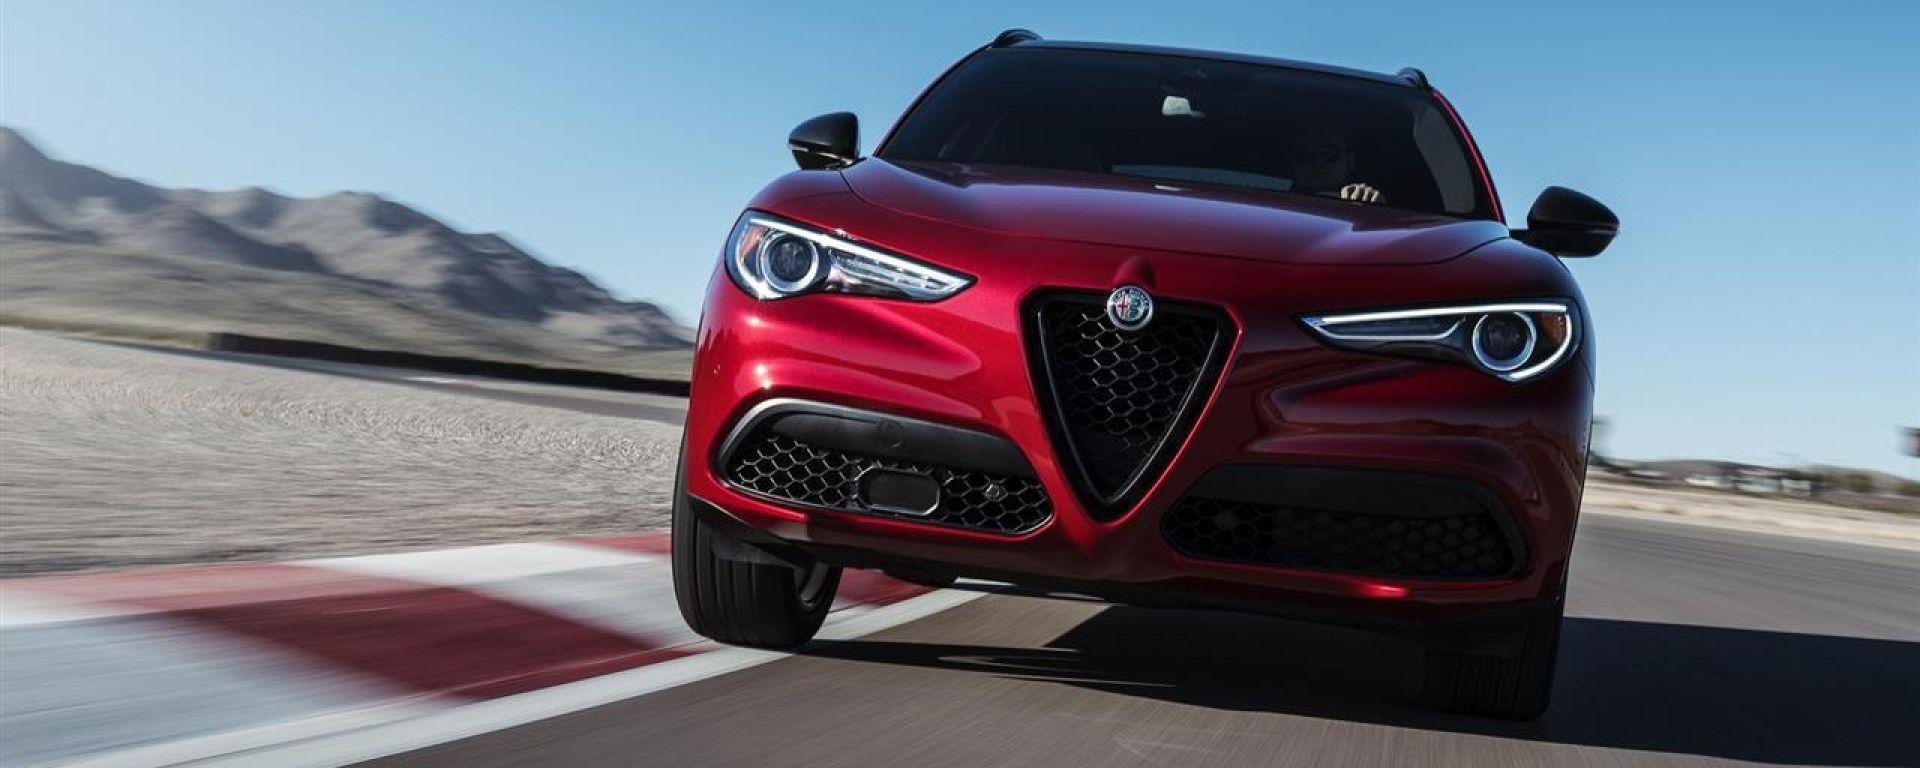 Alfa Romeo Stelvio Nero Edizione: il nero che fa la differenza